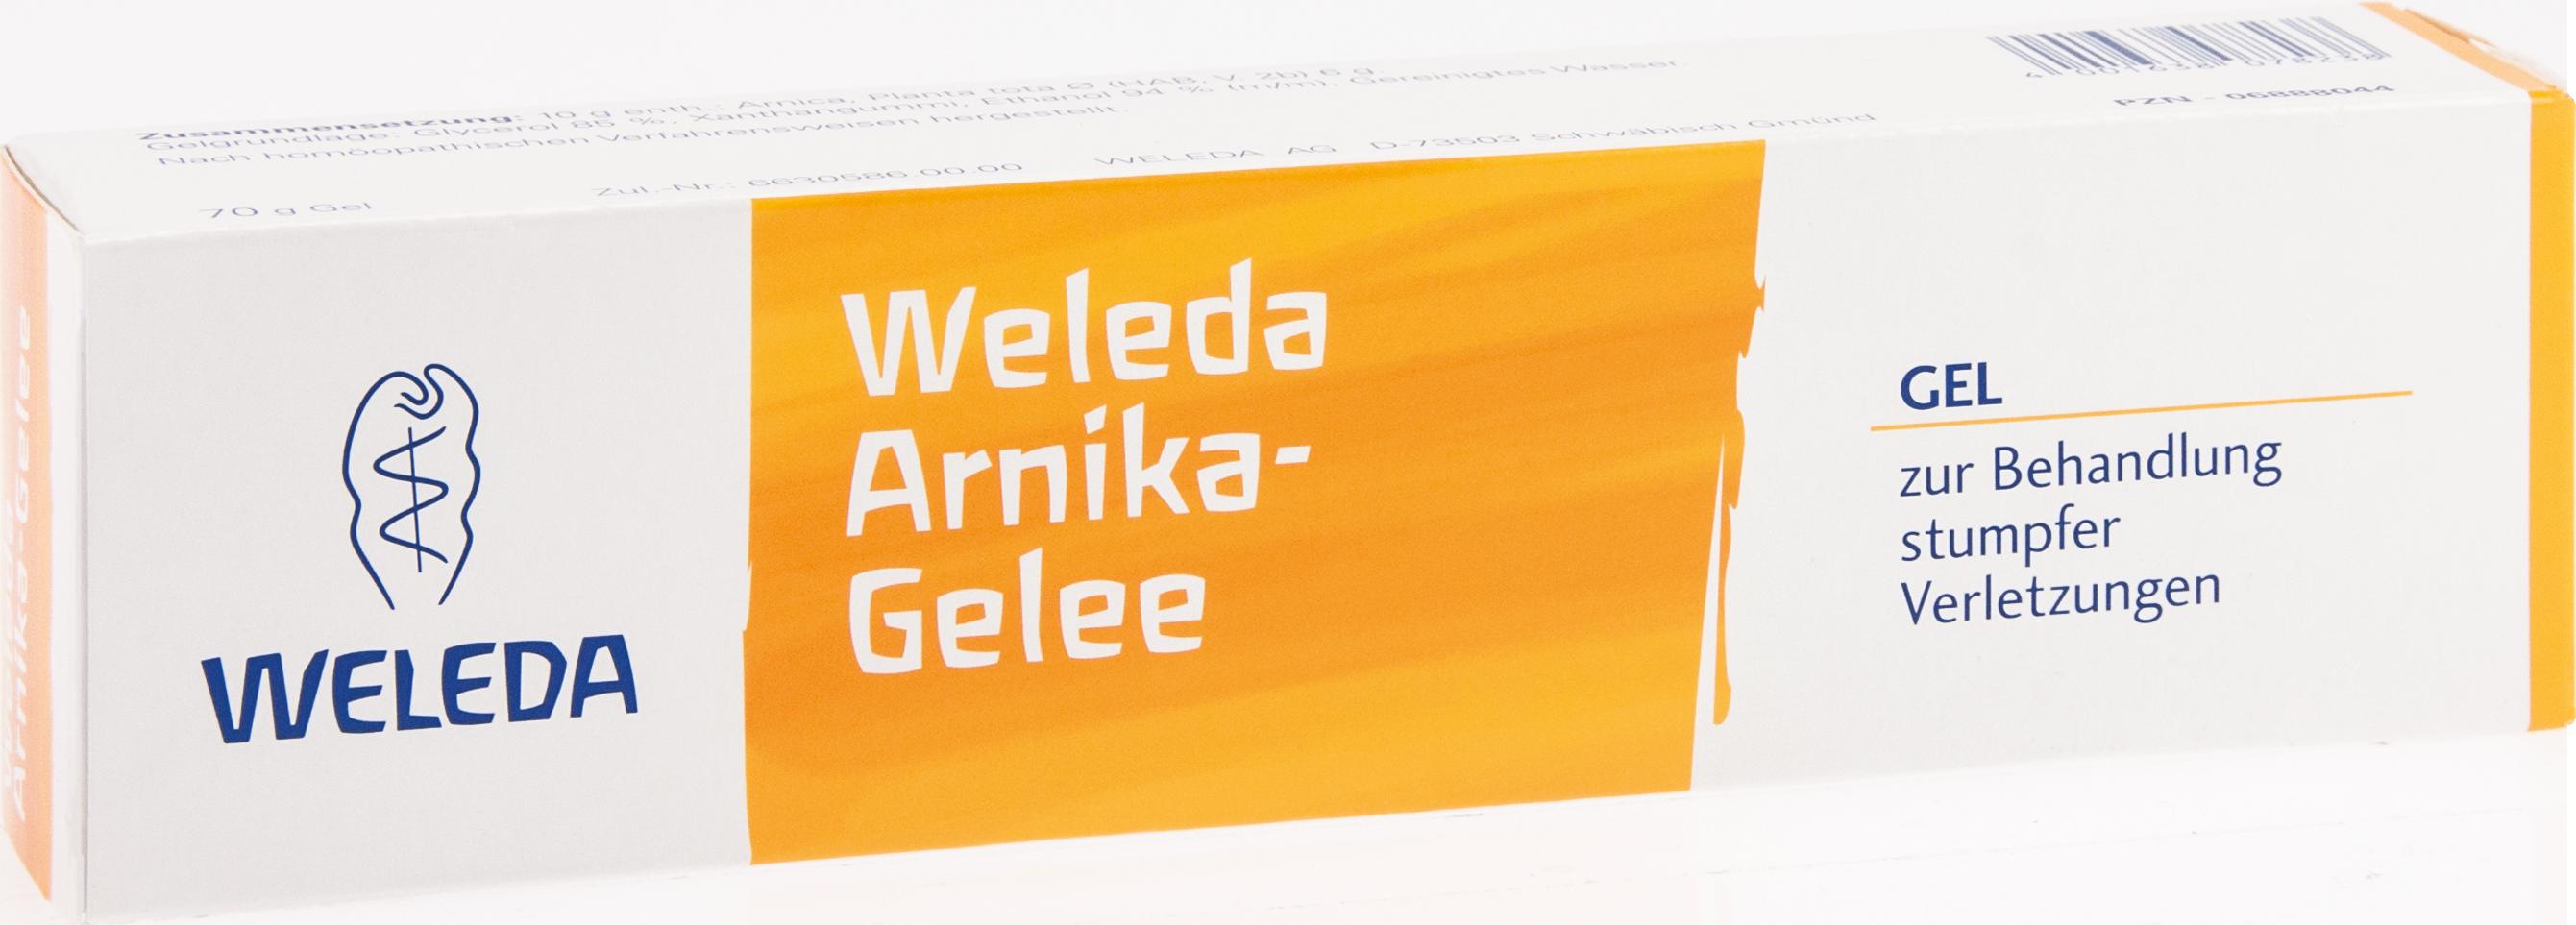 ARNIKA GELEE